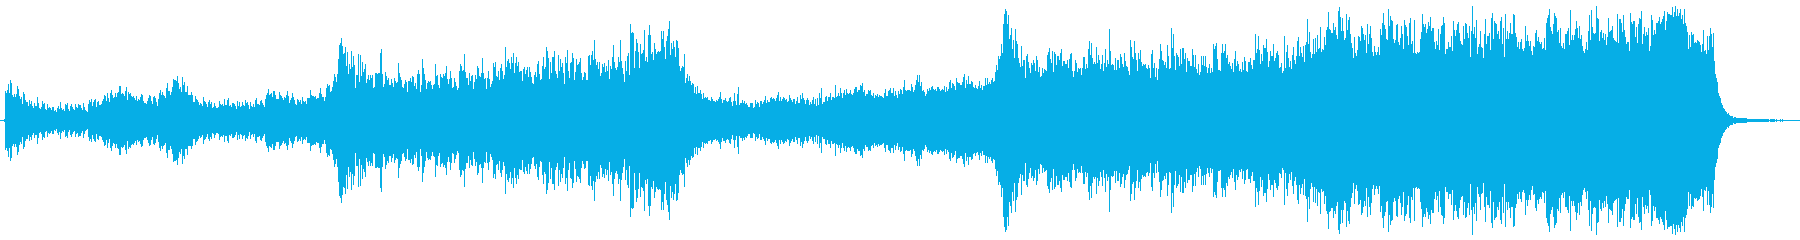 RPG 旅立ち オーケストラ 合唱無版の再生済みの波形